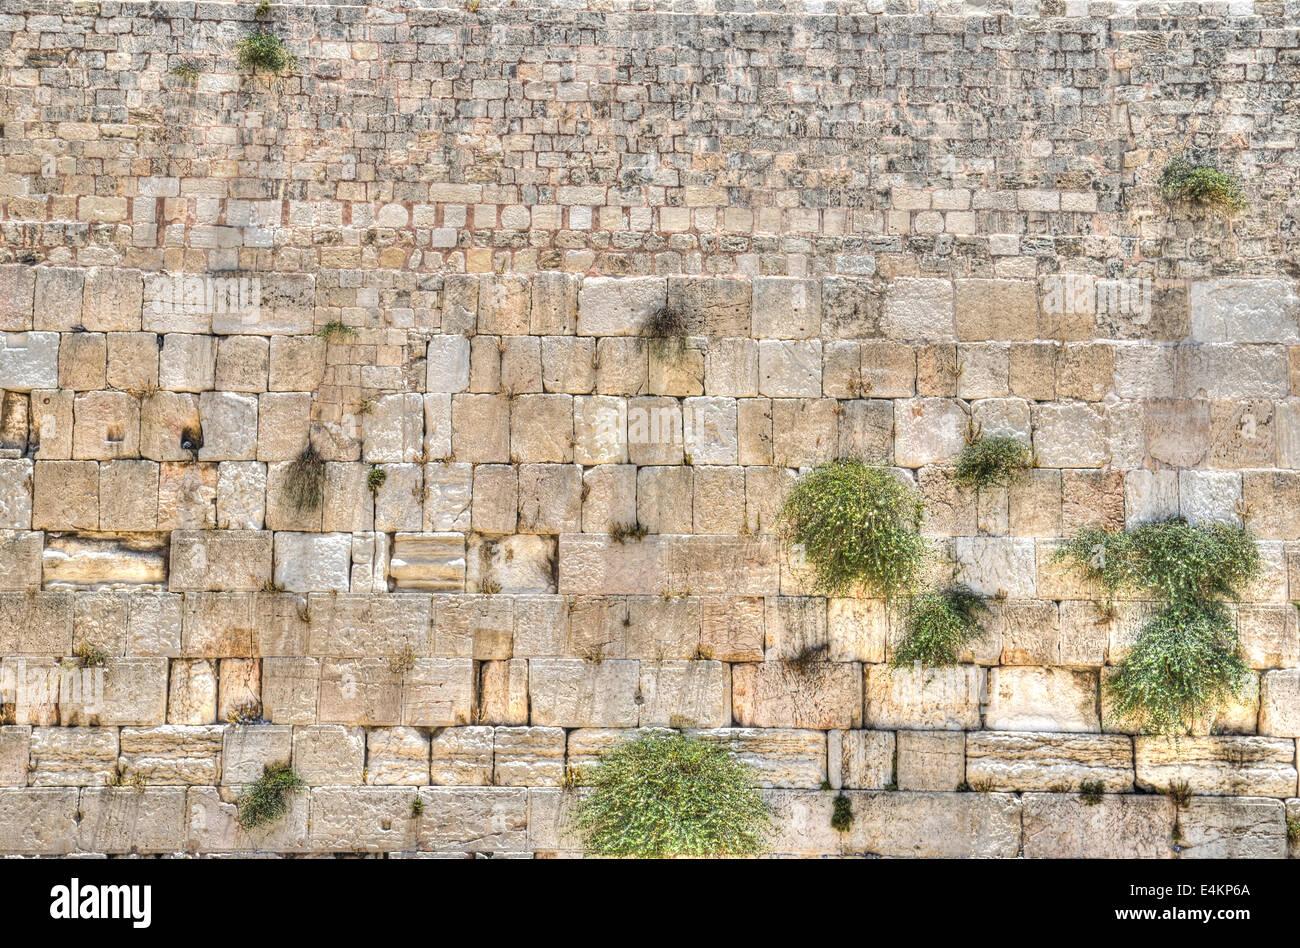 El Muro Occidental, la Ciudad Vieja de Jerusalén, Israel Foto de stock